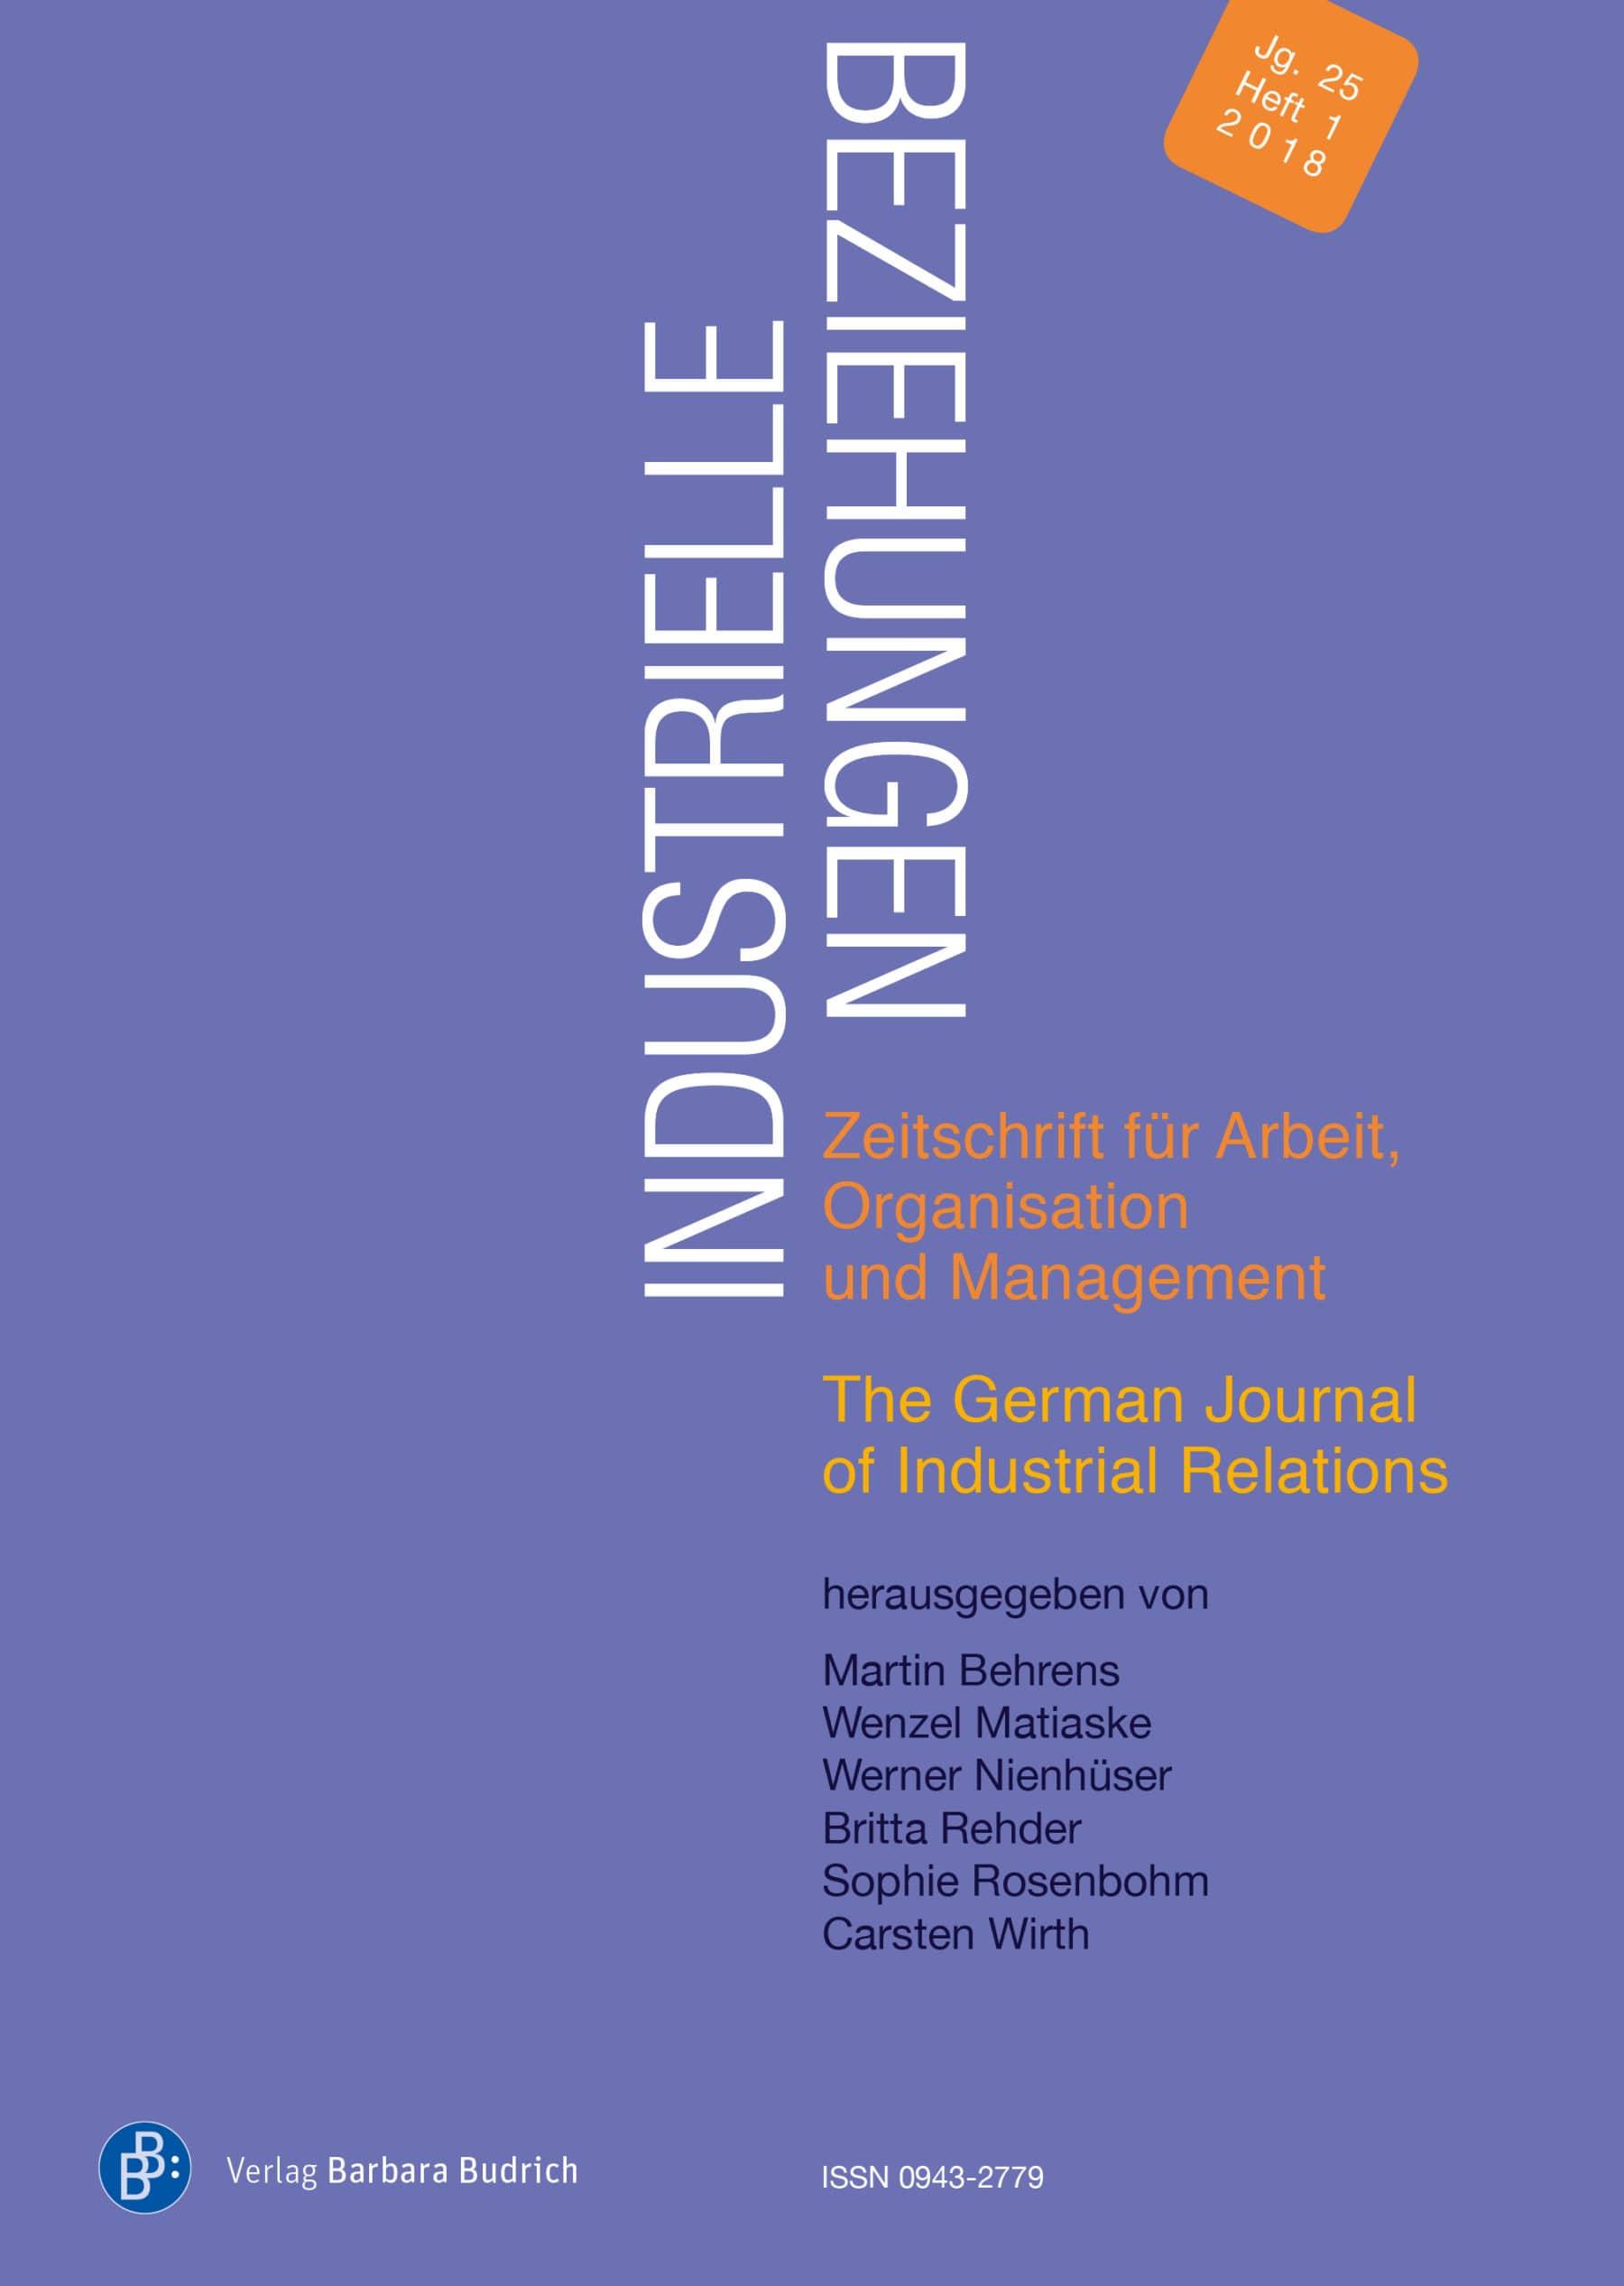 Industrielle Beziehungen. Zeitschrift für Arbeit, Organisation und Management 1-2018: Freie Beiträge